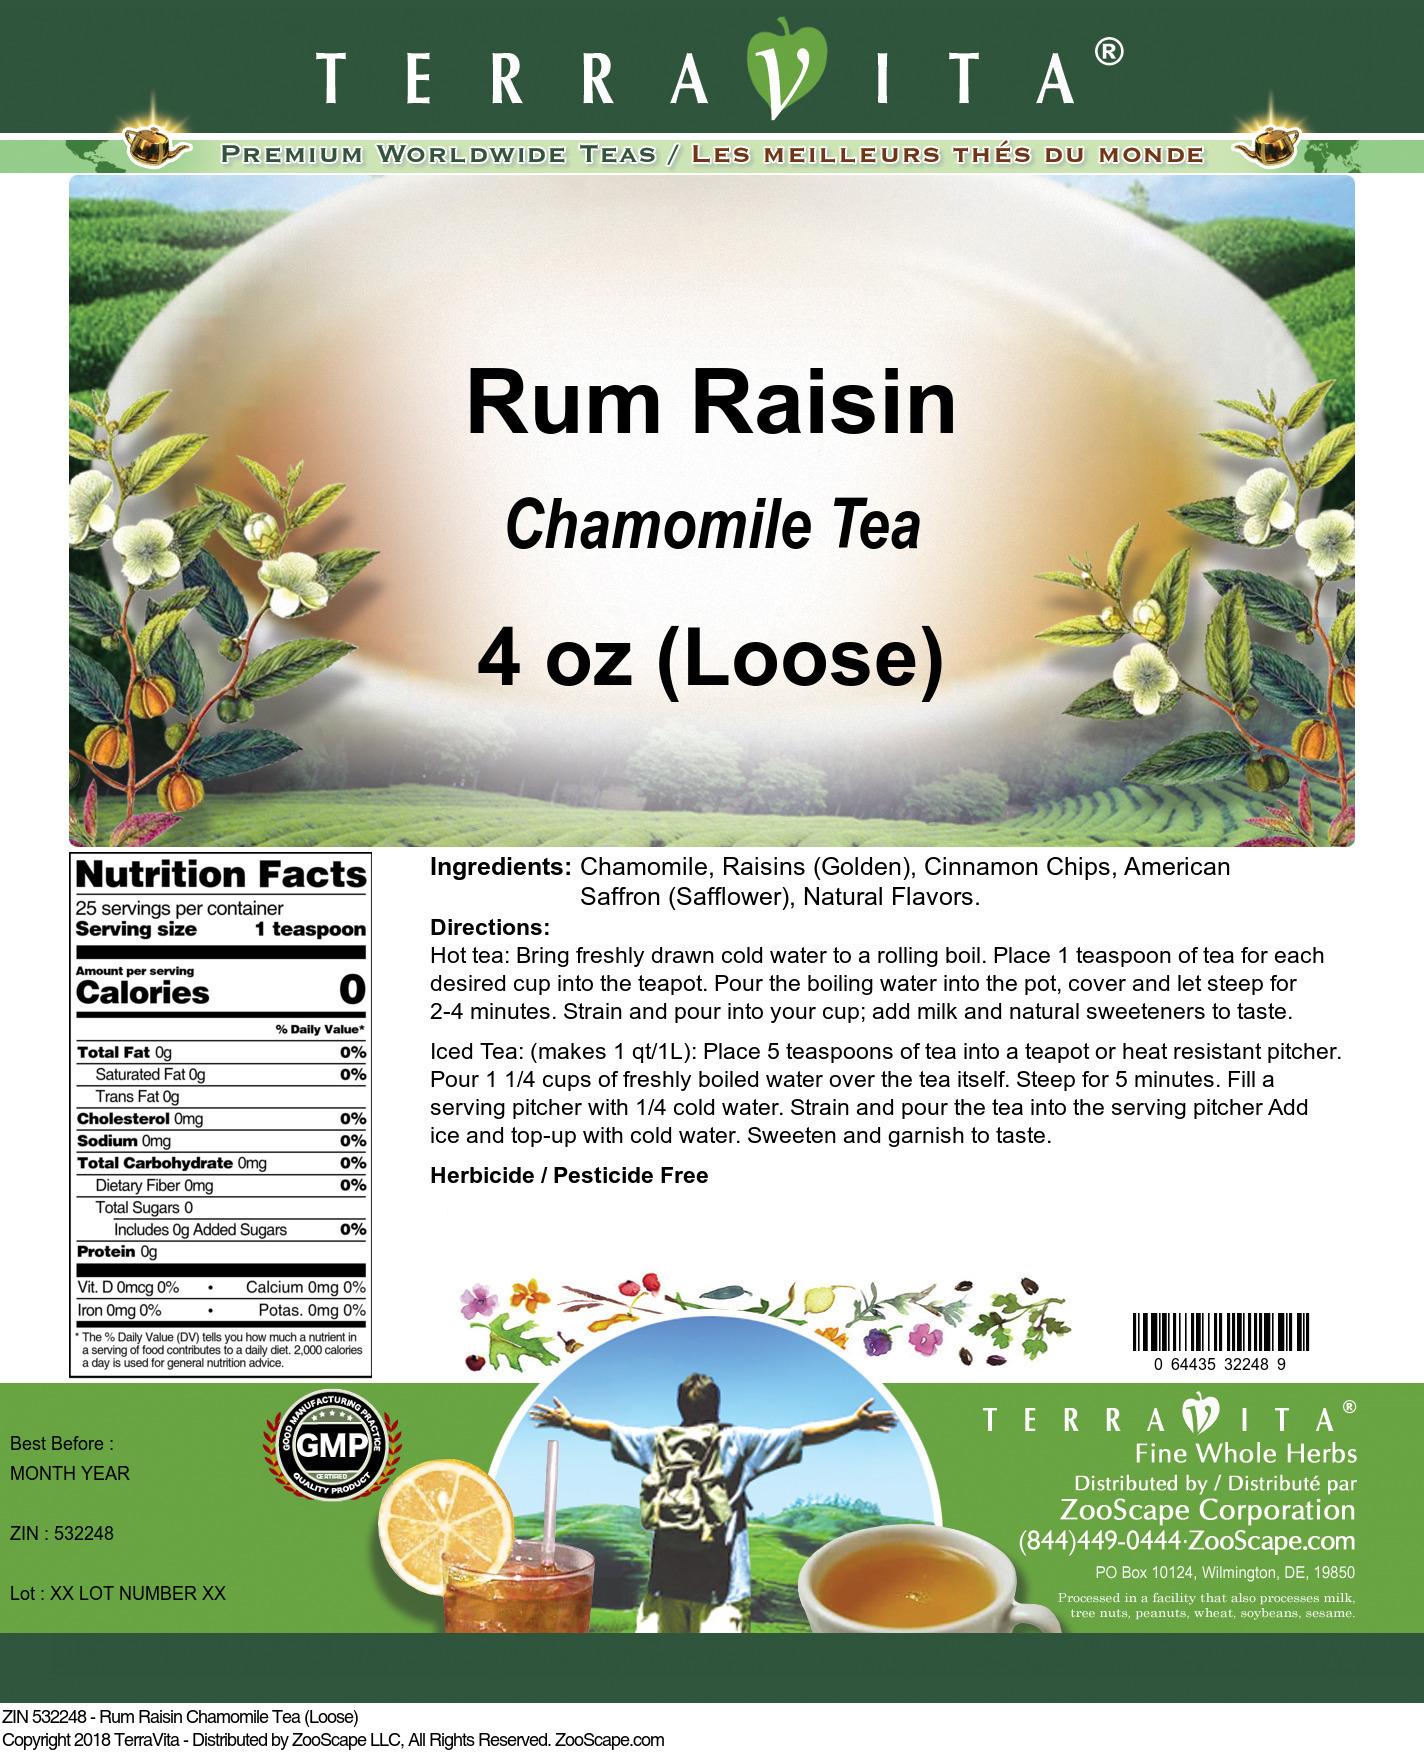 Rum Raisin Chamomile Tea (Loose)